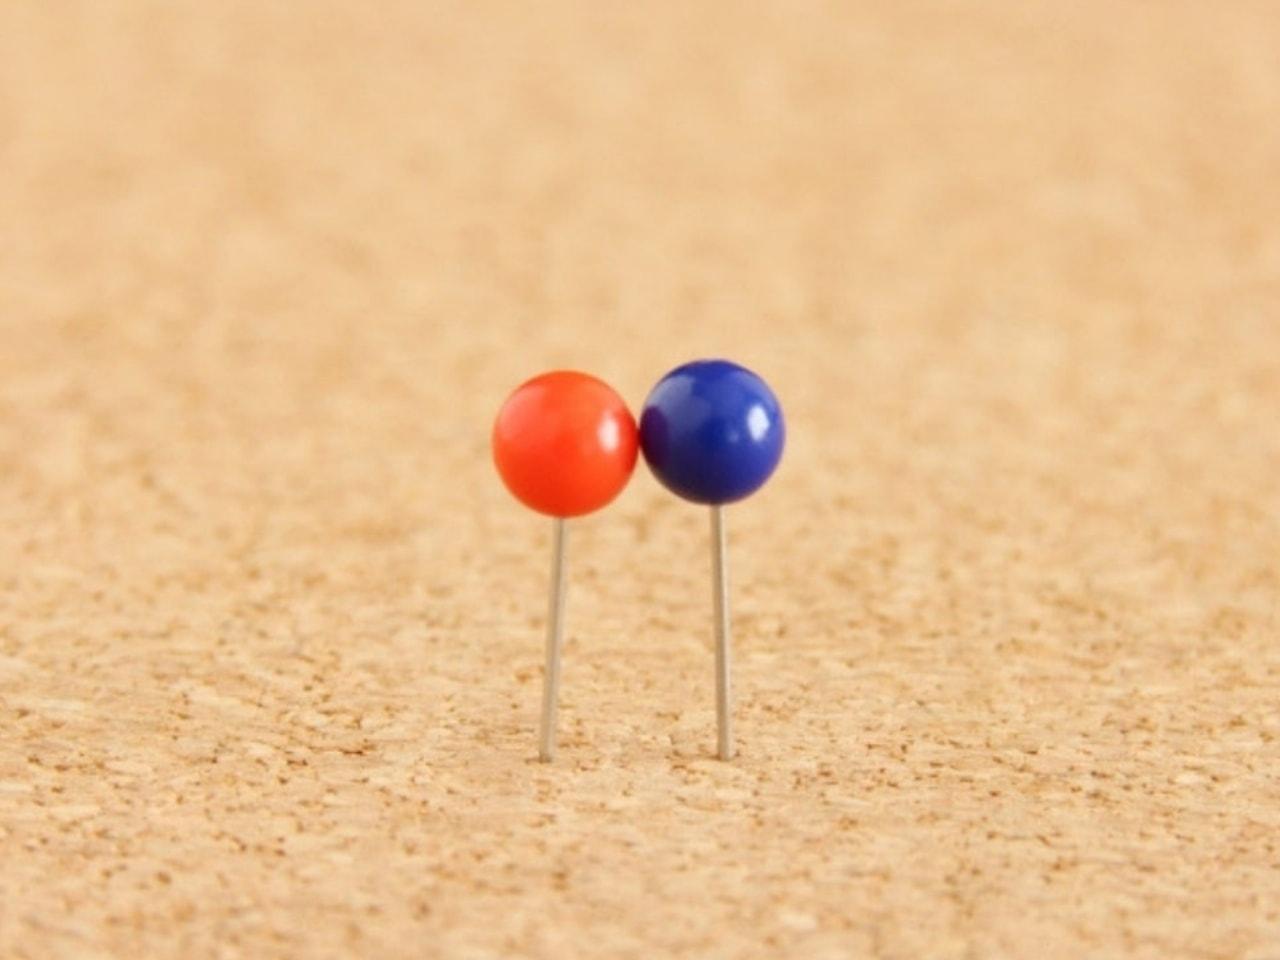 ペアでくっつき合う赤と青のピン